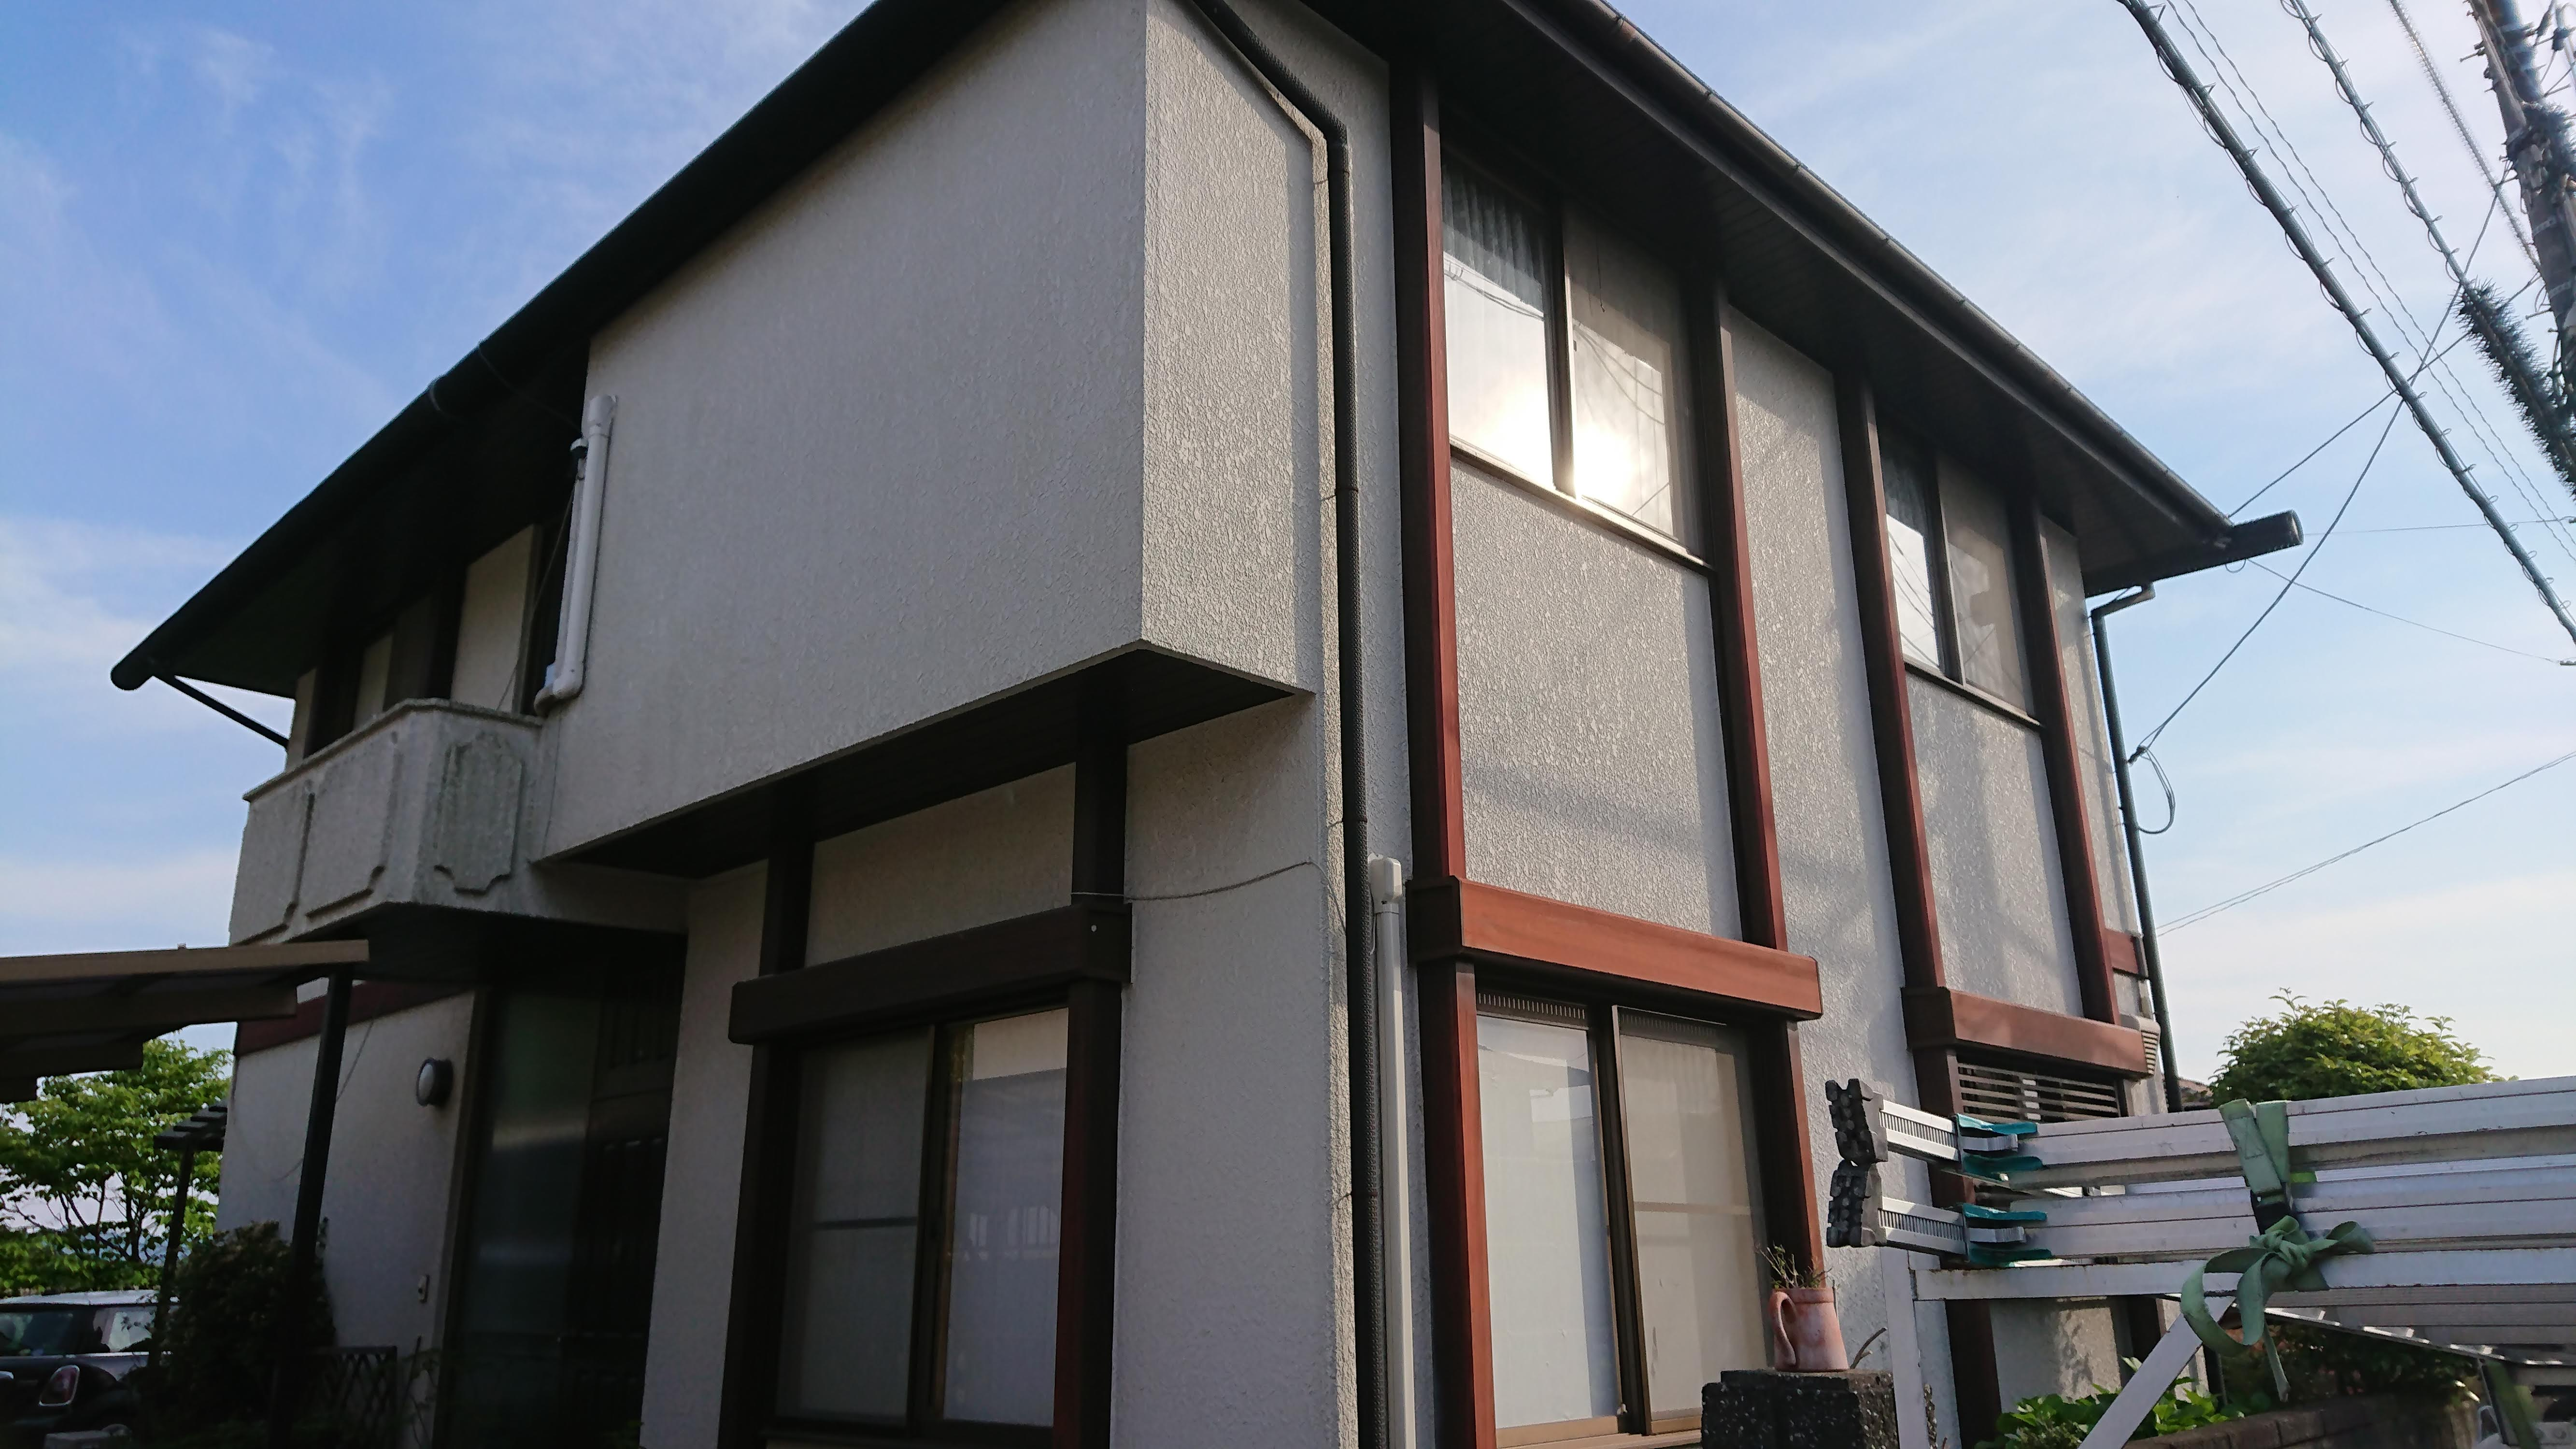 岡山 倉敷 早島 外壁塗装 屋根塗装 リフォーム にこぺいんと